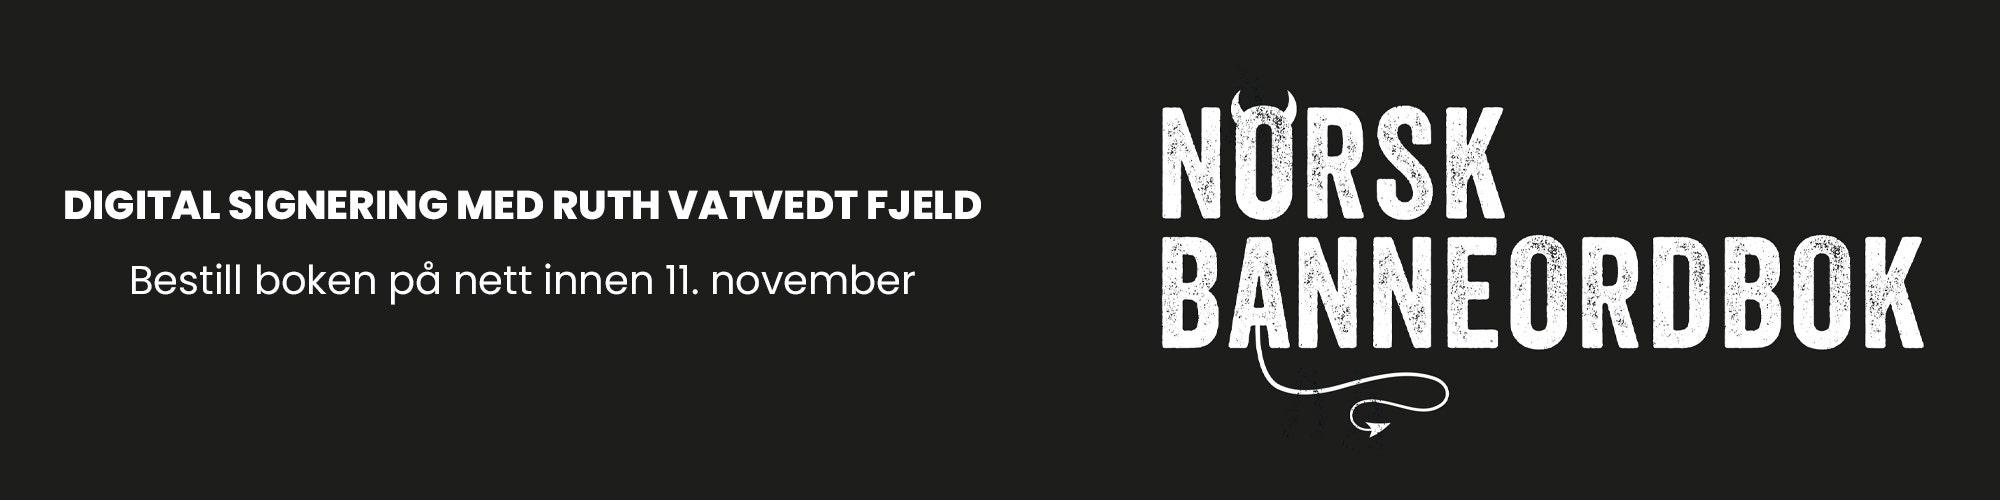 Norsk Banneordbok av Ruth Vatvedt Fjeld signering